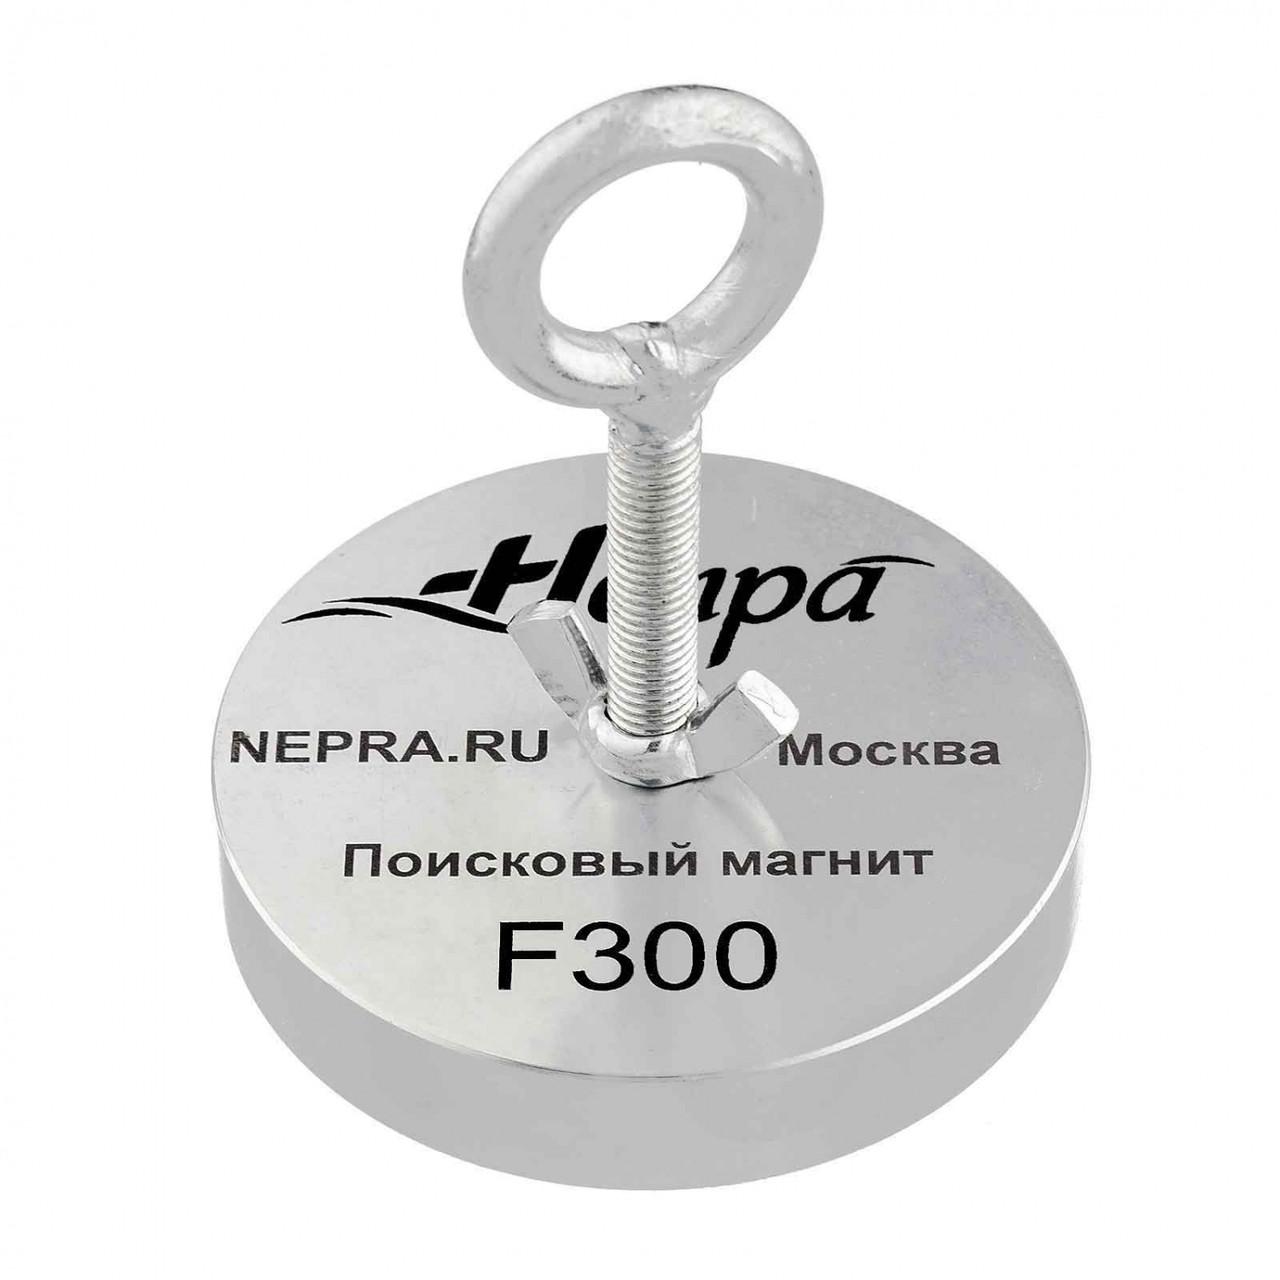 Поисковый магнит НЕПРА F300